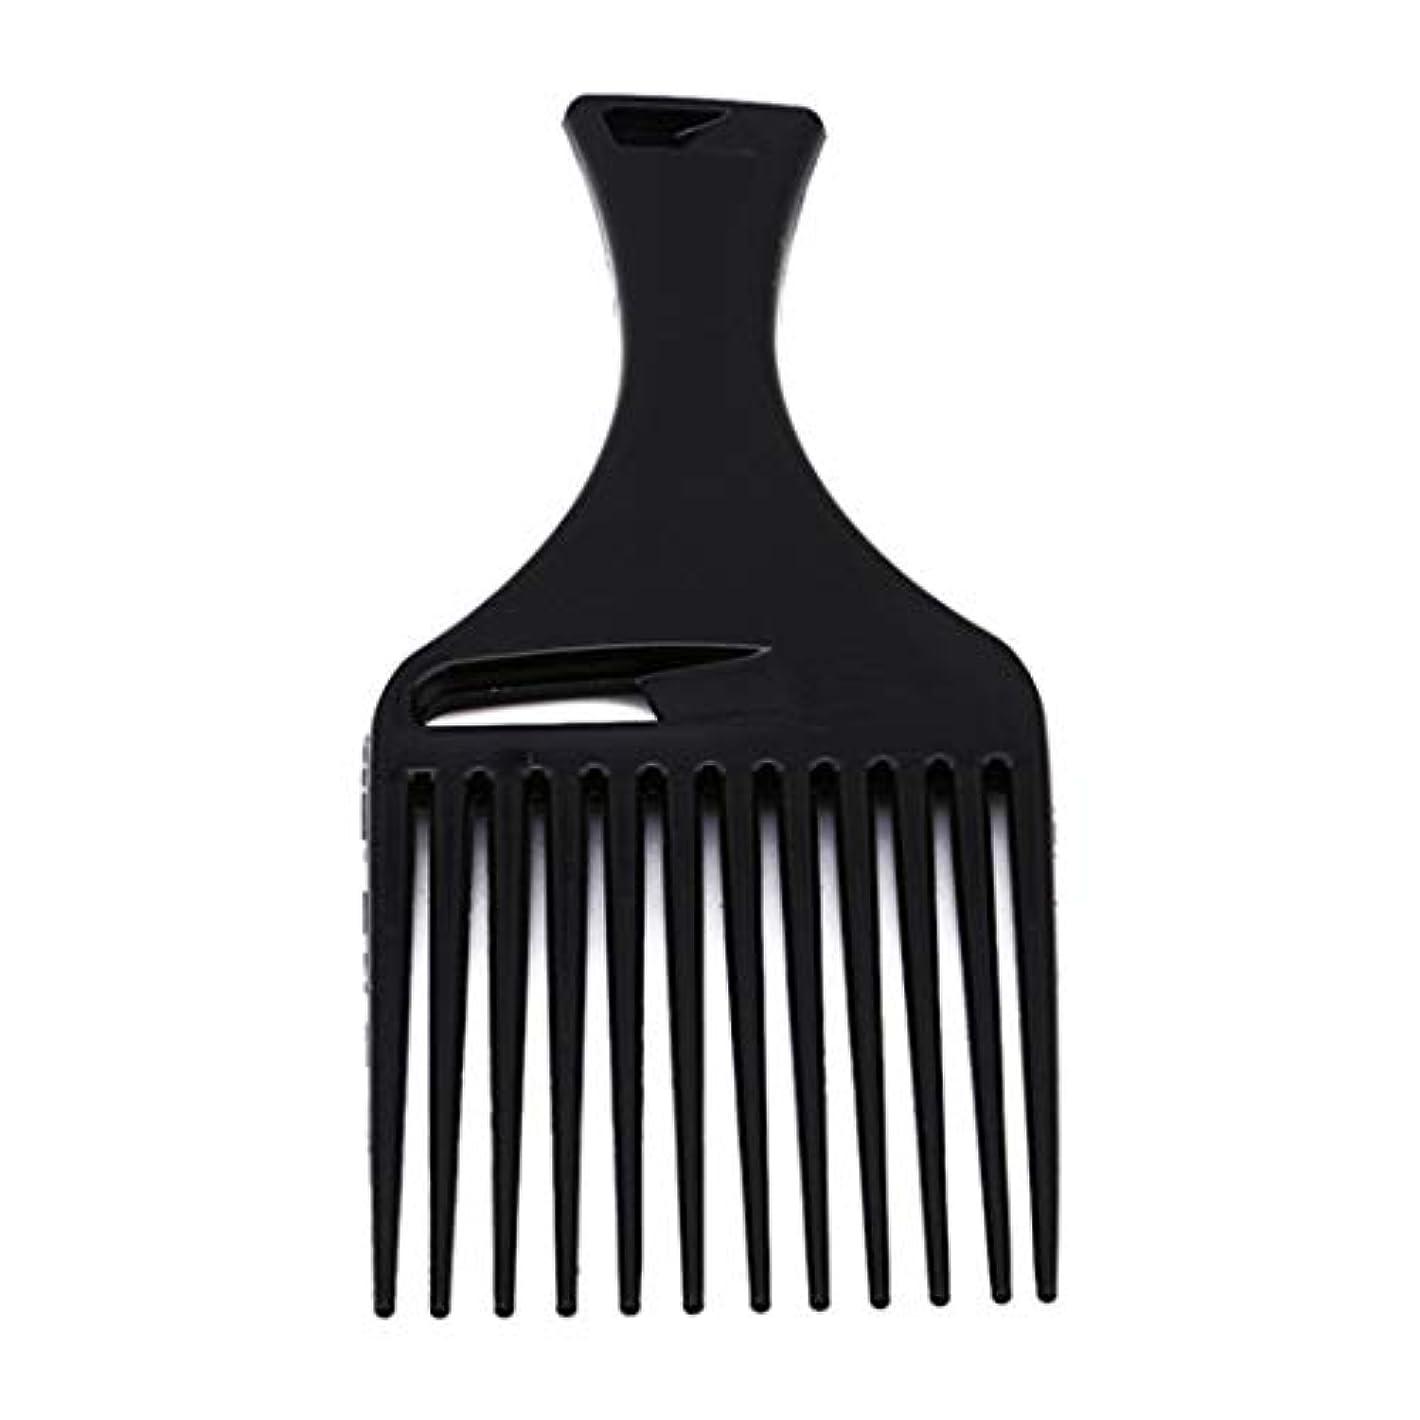 規模他の日どんよりしたUnderleaf 黒い髪の櫛は、男性と女性のためのツールをスタイリングヘアラインヘアスタイルブラシ櫛ヘアブラシを挿入します。